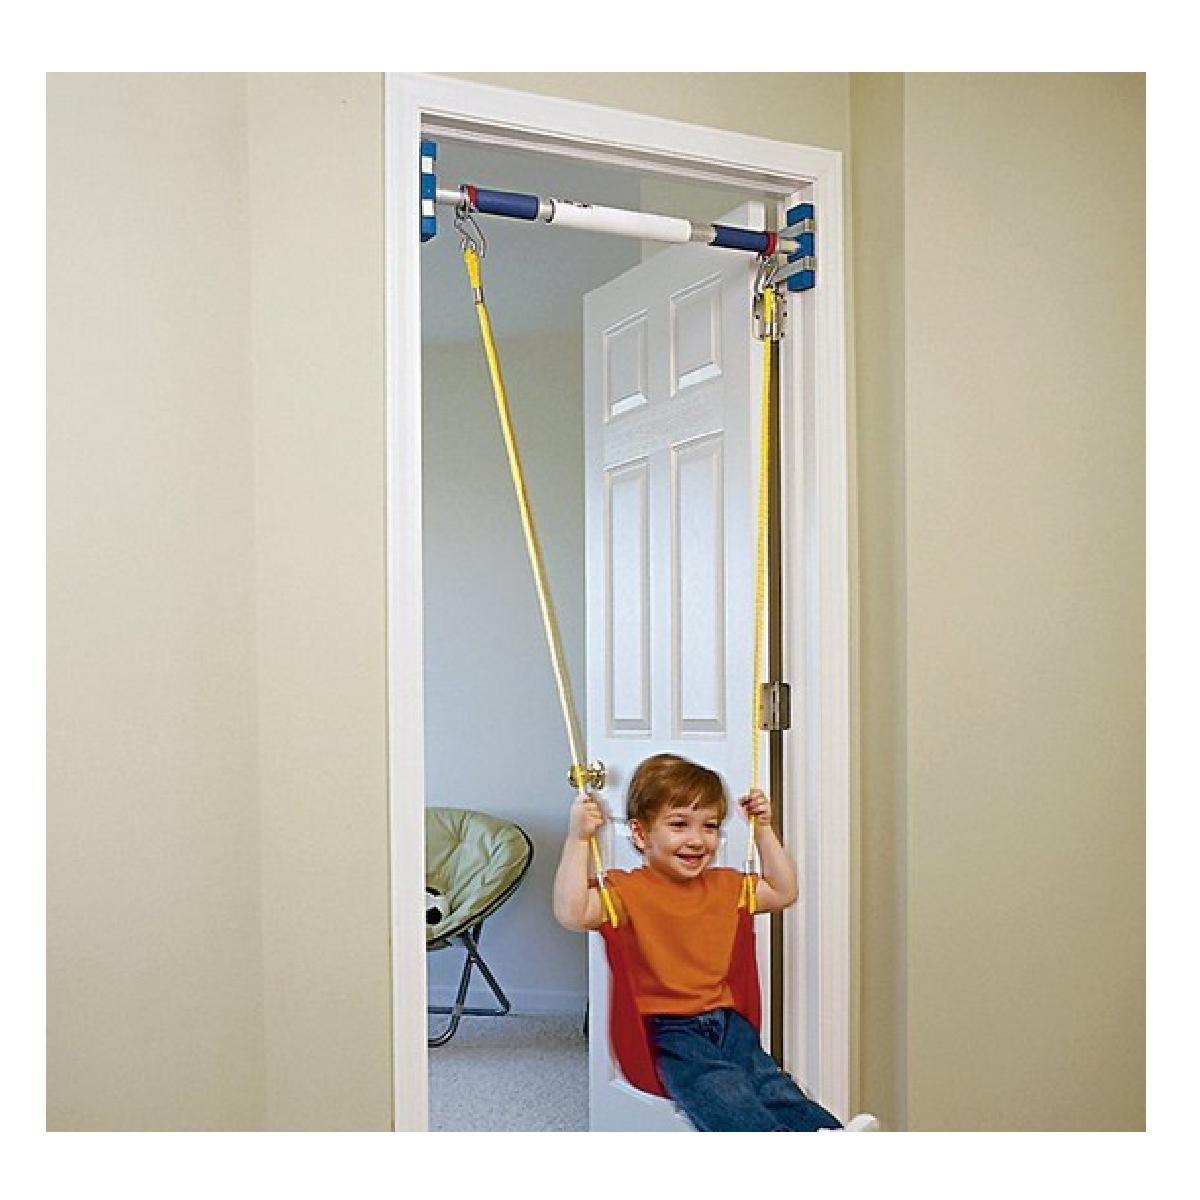 cadeaux 2 ouf id es de cadeaux insolites et originaux une vraie balan oire d int rieure. Black Bedroom Furniture Sets. Home Design Ideas